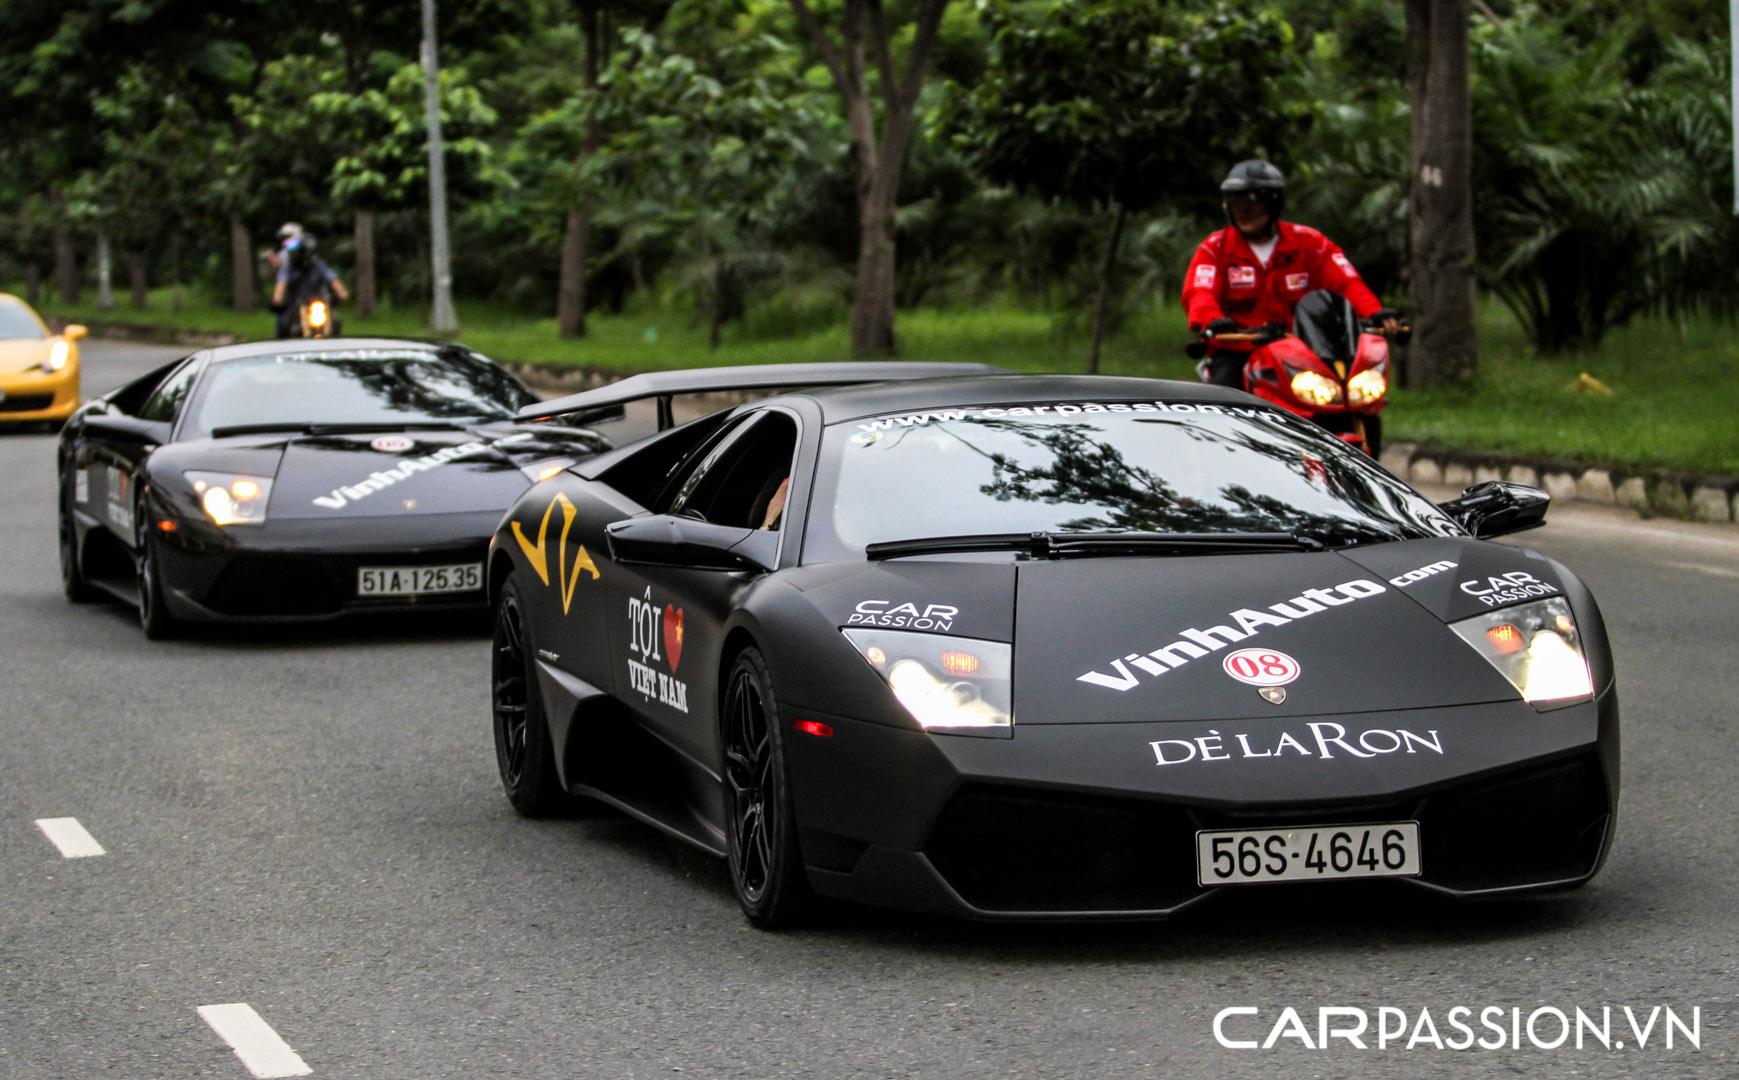 CP-Hành trình siêu xe CarPassion 2011 (9).jpg